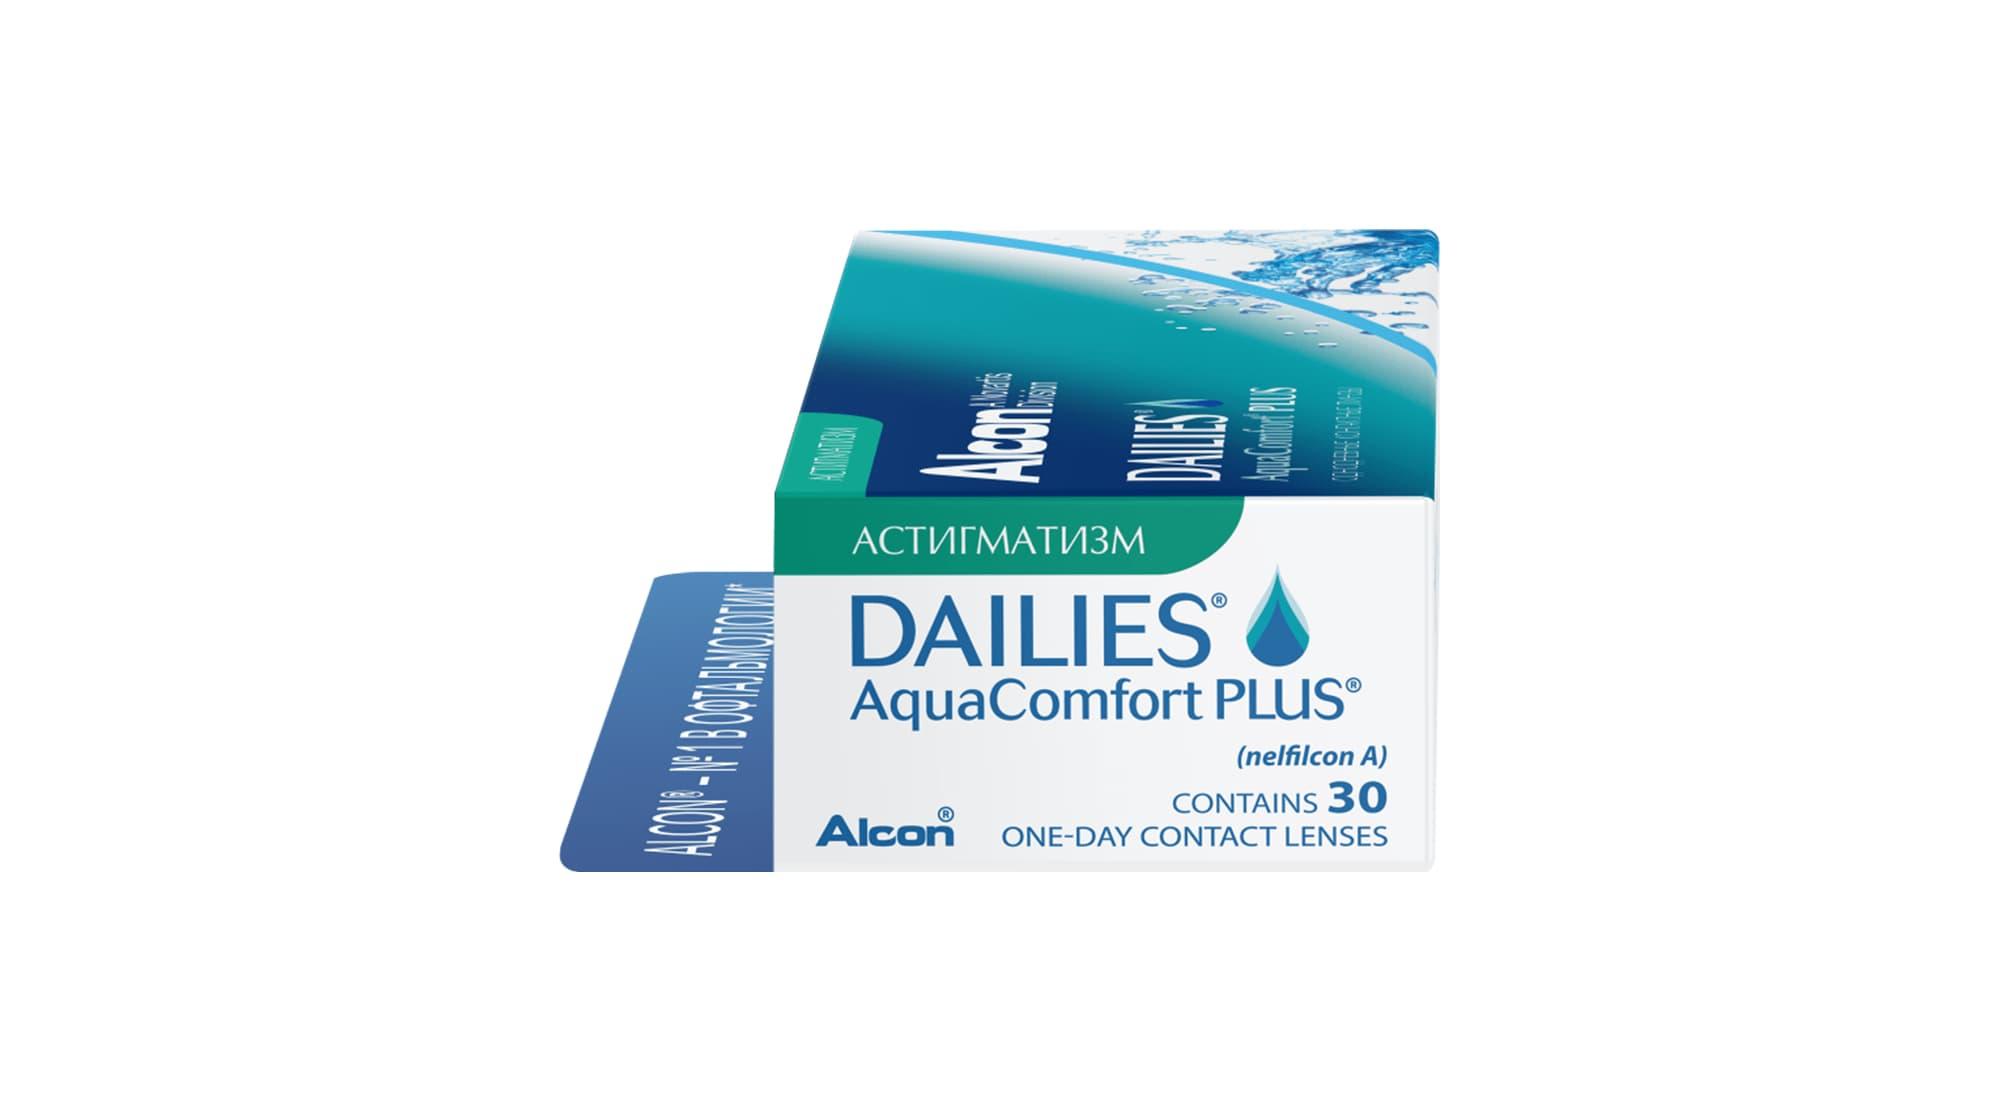 plus aquacomfort shop comforter aqua contact degree comfort dailies toric singapore lens